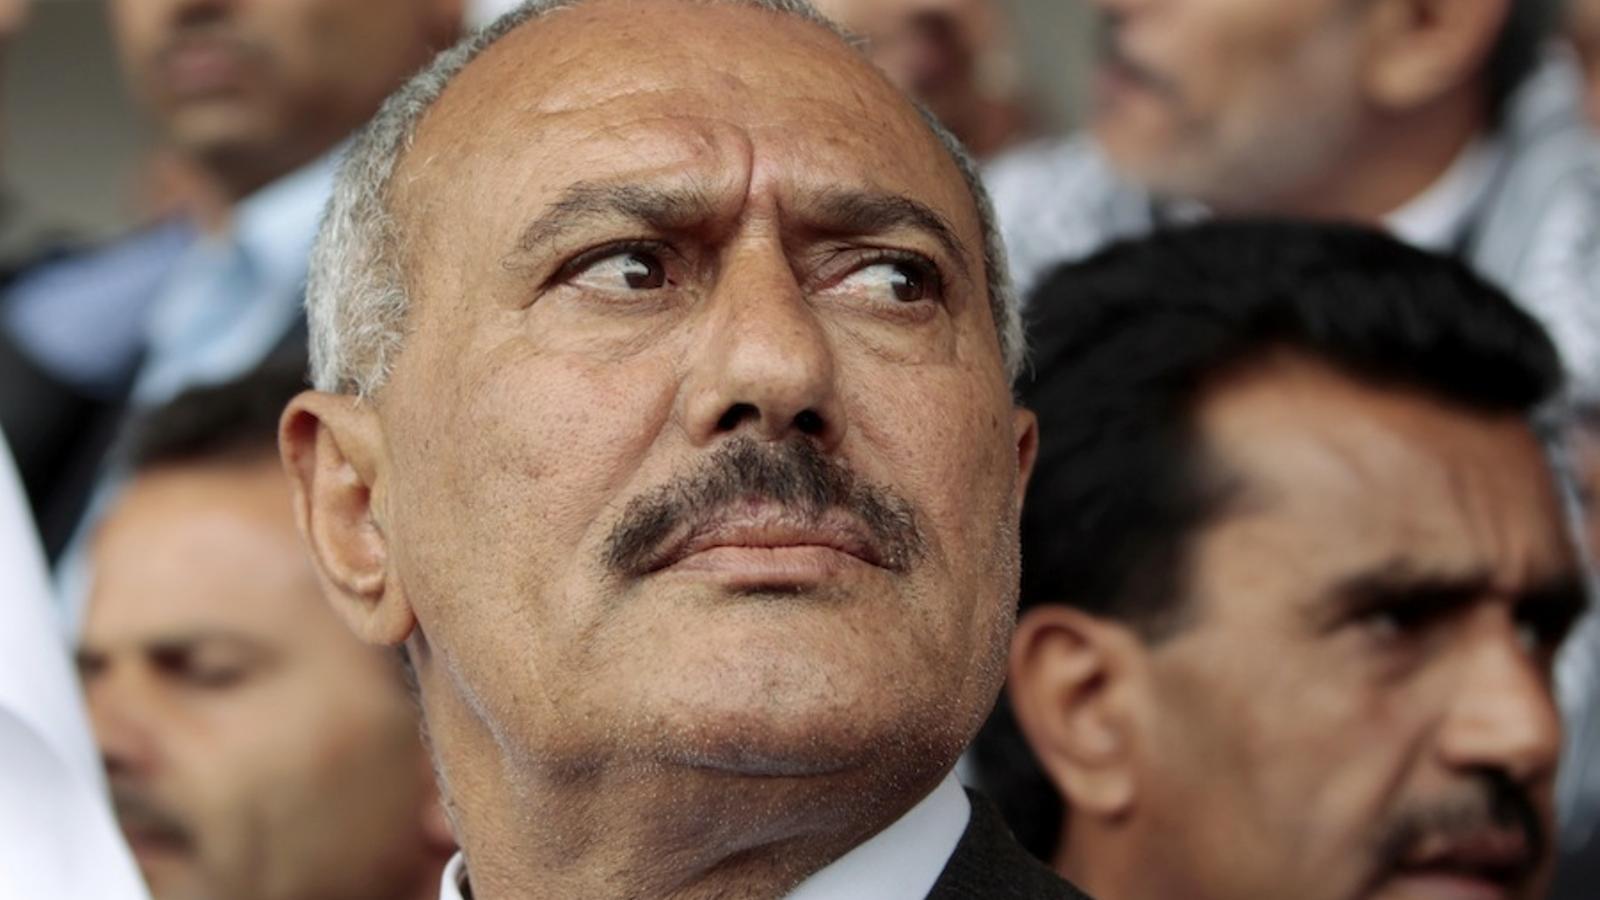 El president del Iemen, Ali Abdul·lah Salèh, ha governat durant 33 anys / REUTERS